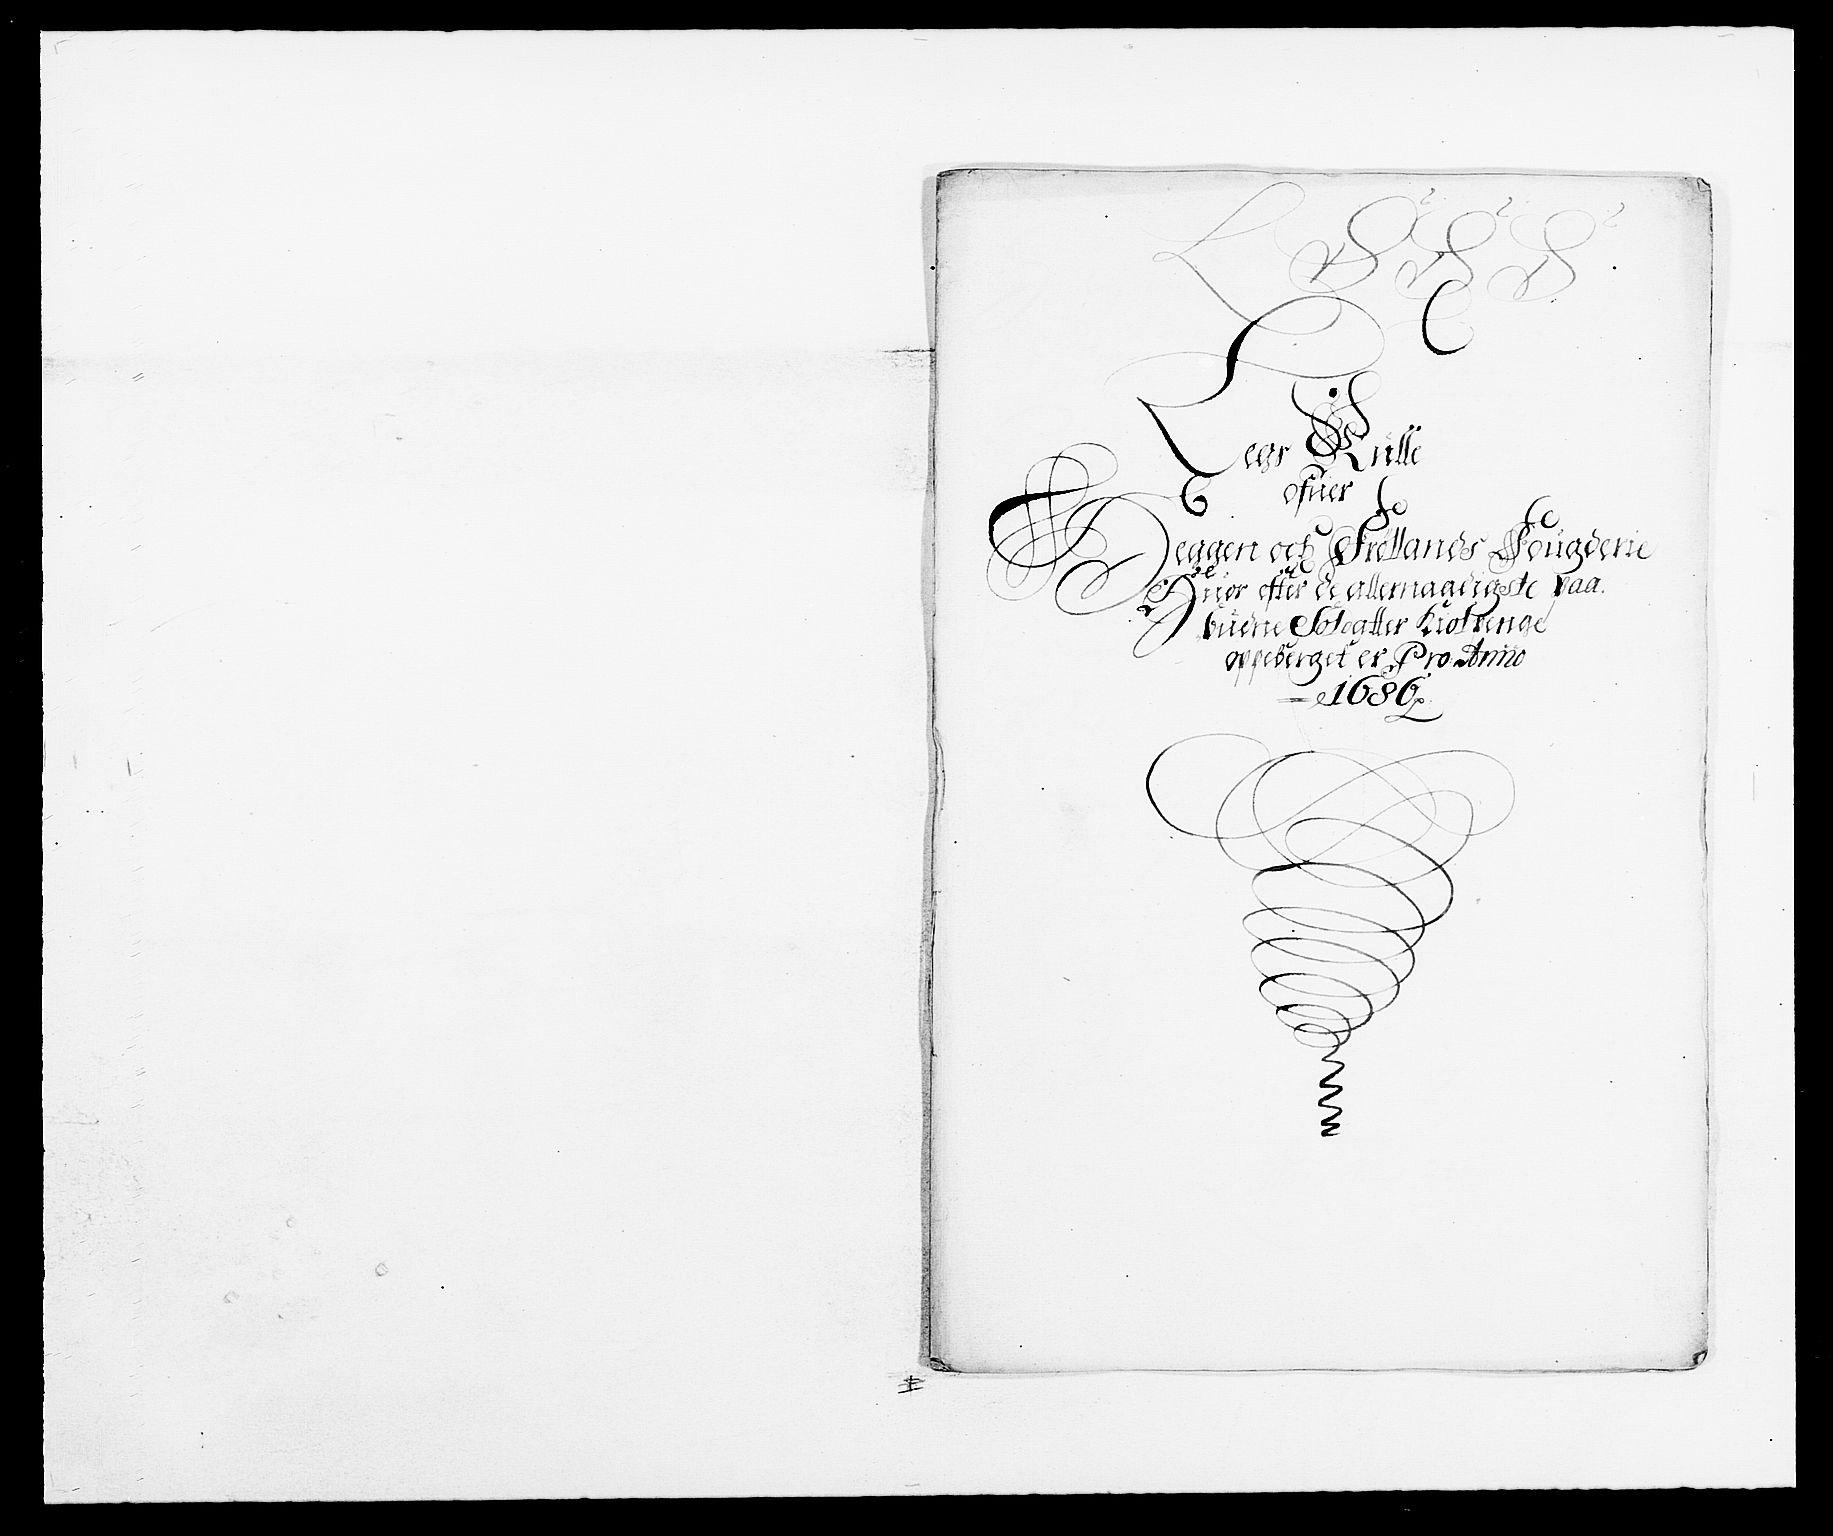 RA, Rentekammeret inntil 1814, Reviderte regnskaper, Fogderegnskap, R06/L0281: Fogderegnskap Heggen og Frøland, 1678-1686, s. 97